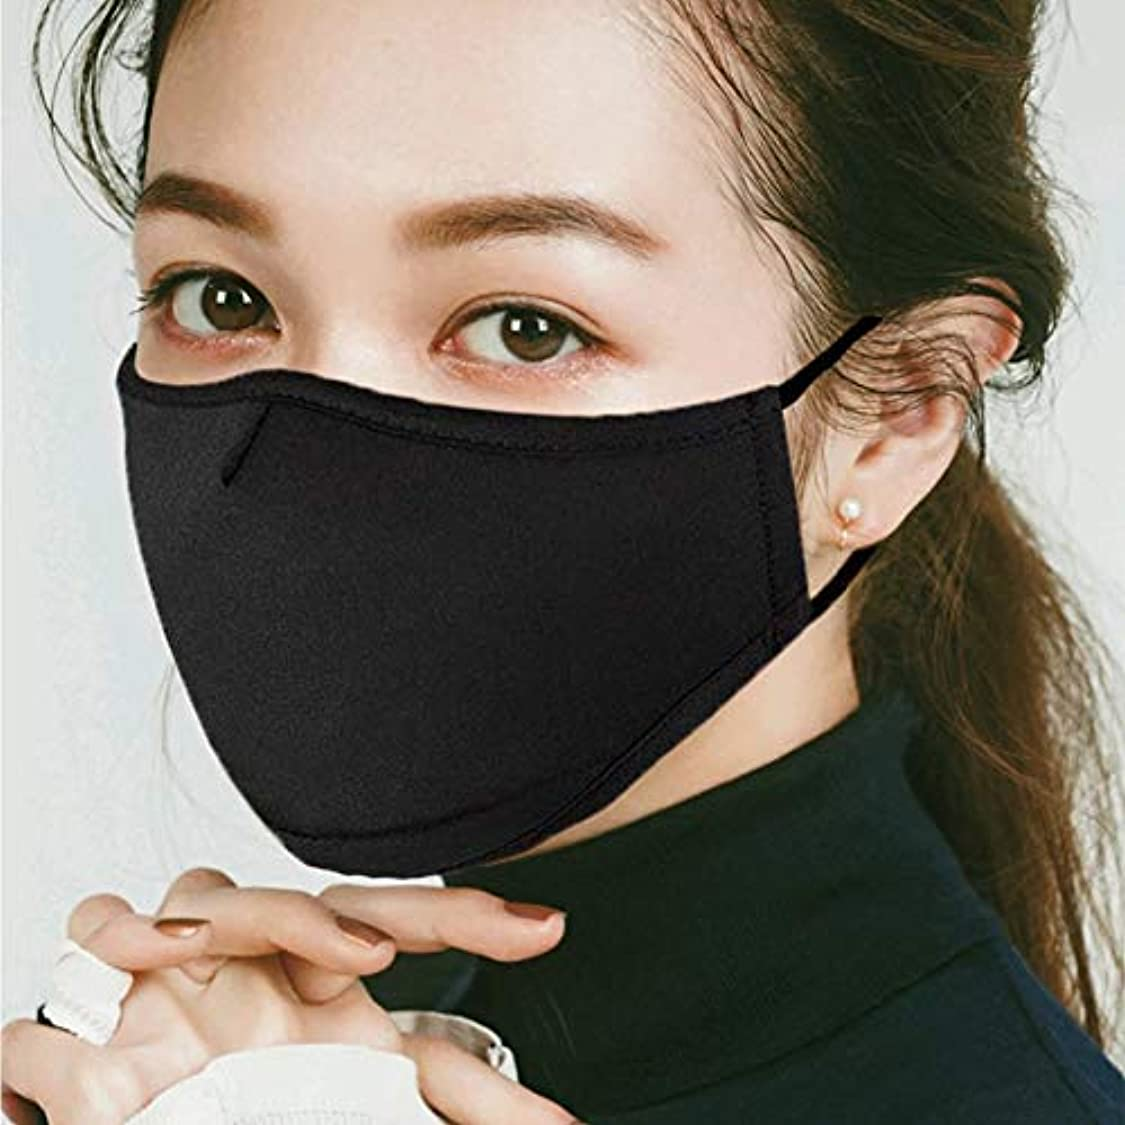 大騒ぎ葡萄成長するマスク 綿 布マスク風邪対策 予防 立体 おしゃれ 調整可能 繰り返し使え